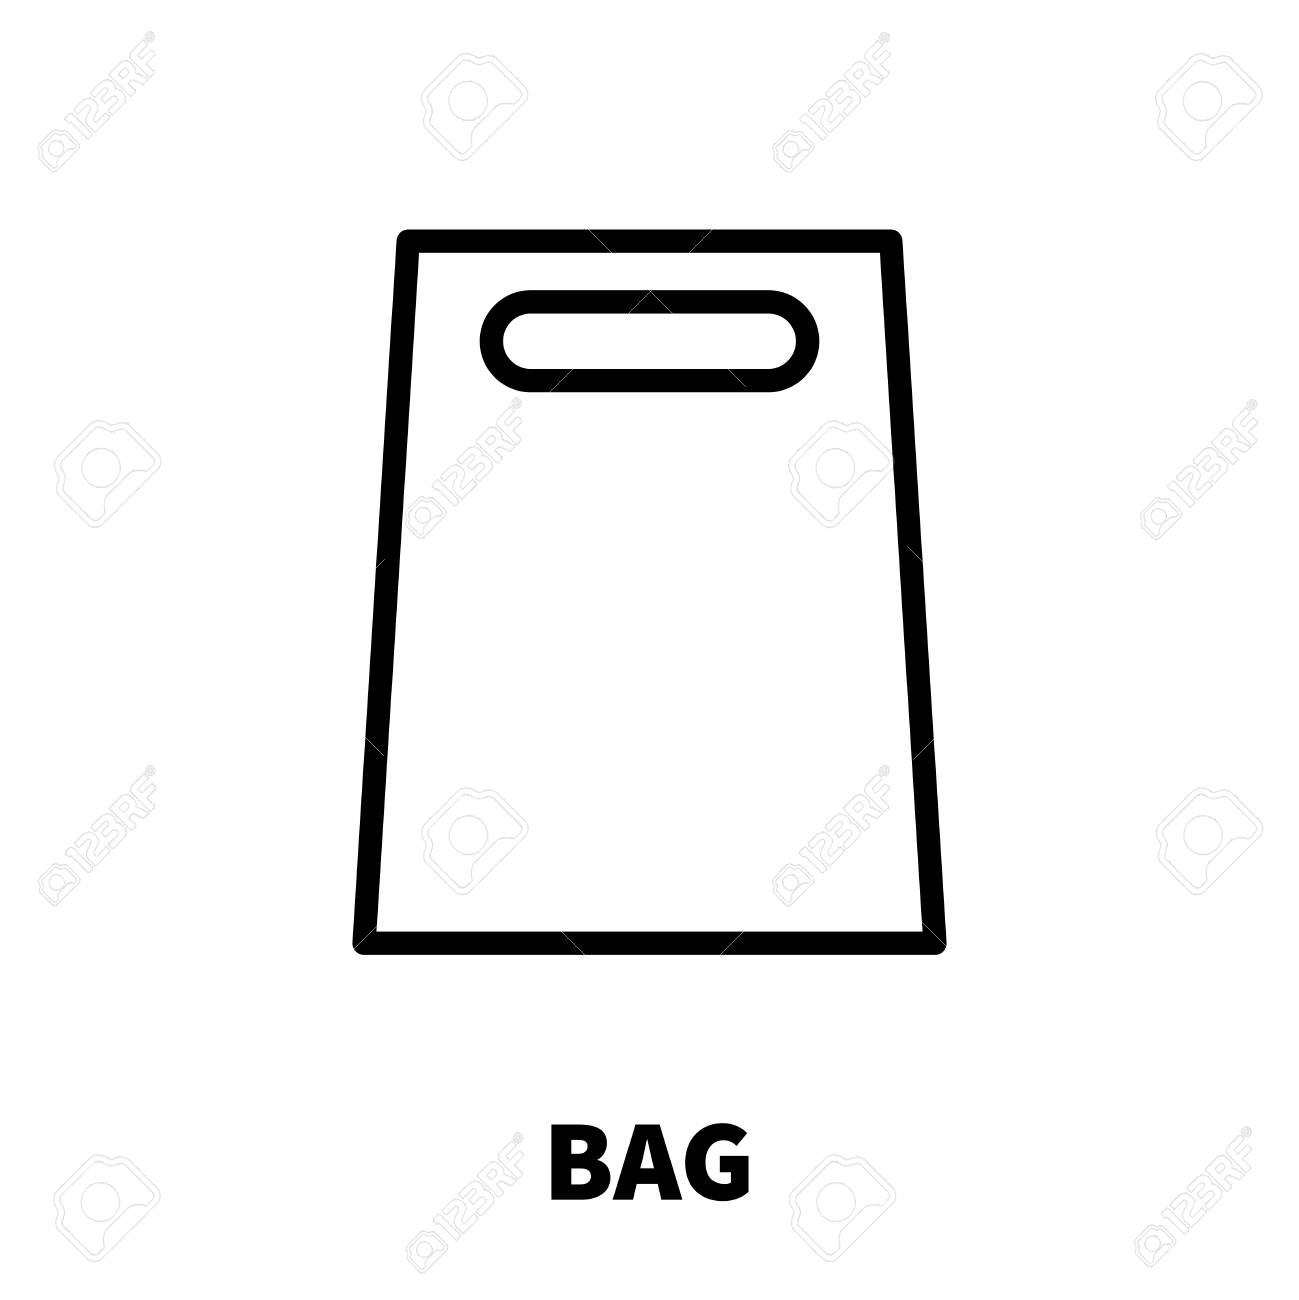 Icône de sac ou un logo dans le style de ligne moderne. Pictogramme de contour noir de haute qualité pour la conception de sites Web et les